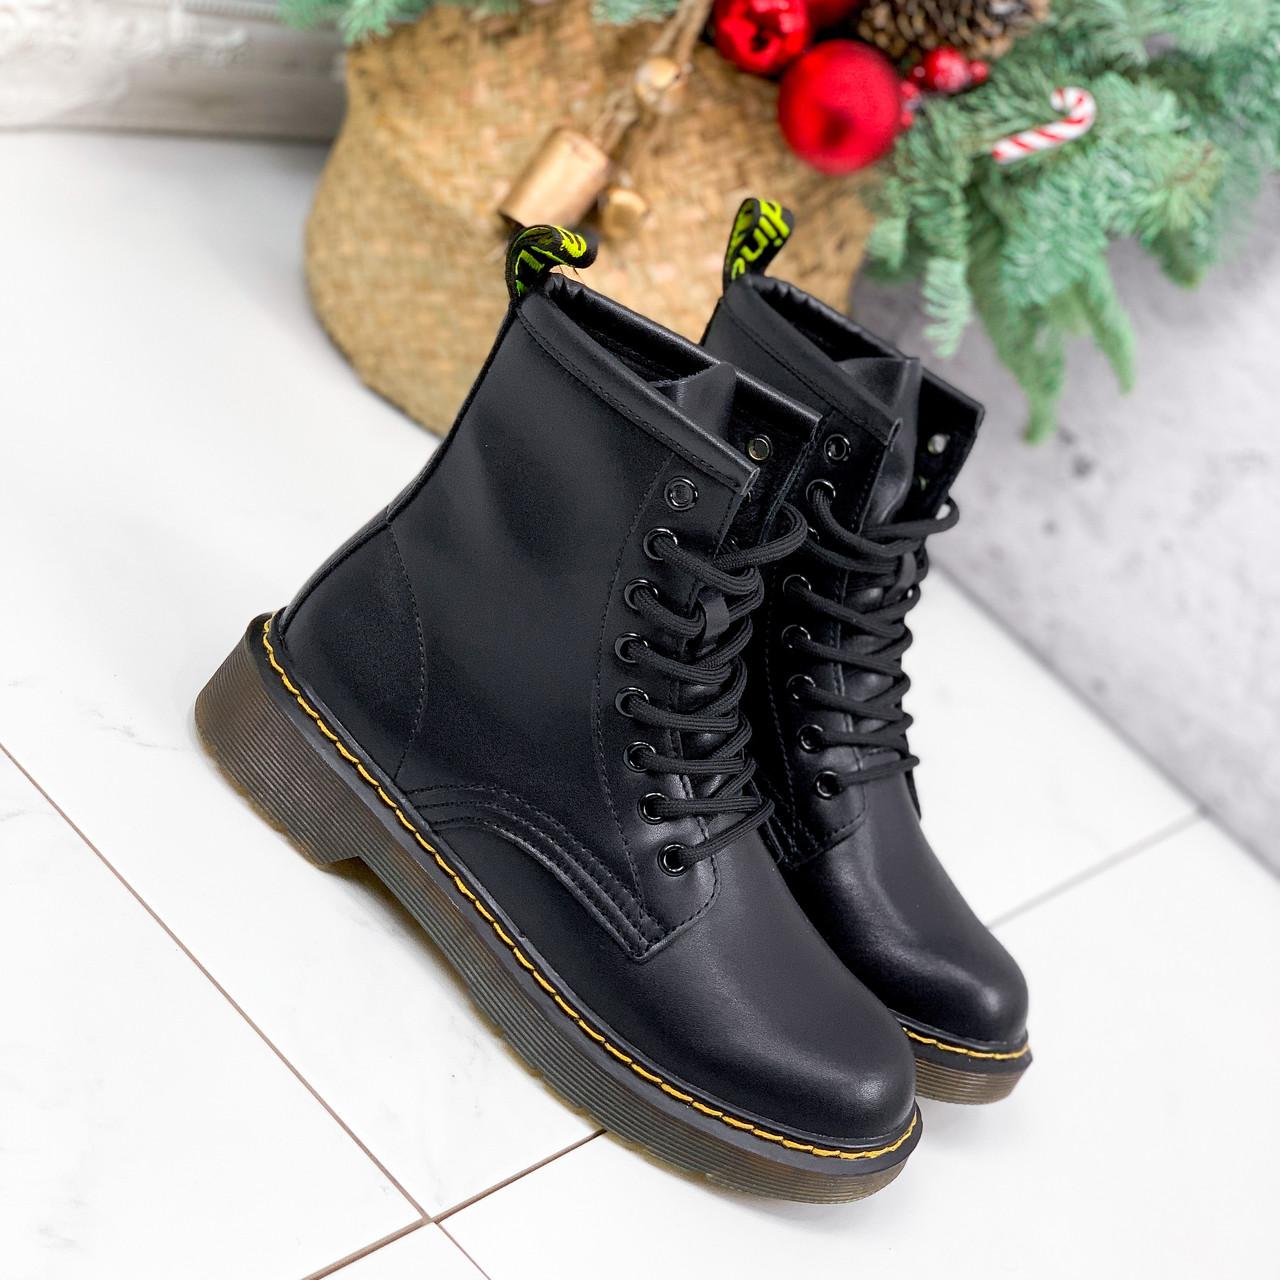 Ботинки женские Klara черный ДЕМИ 2783